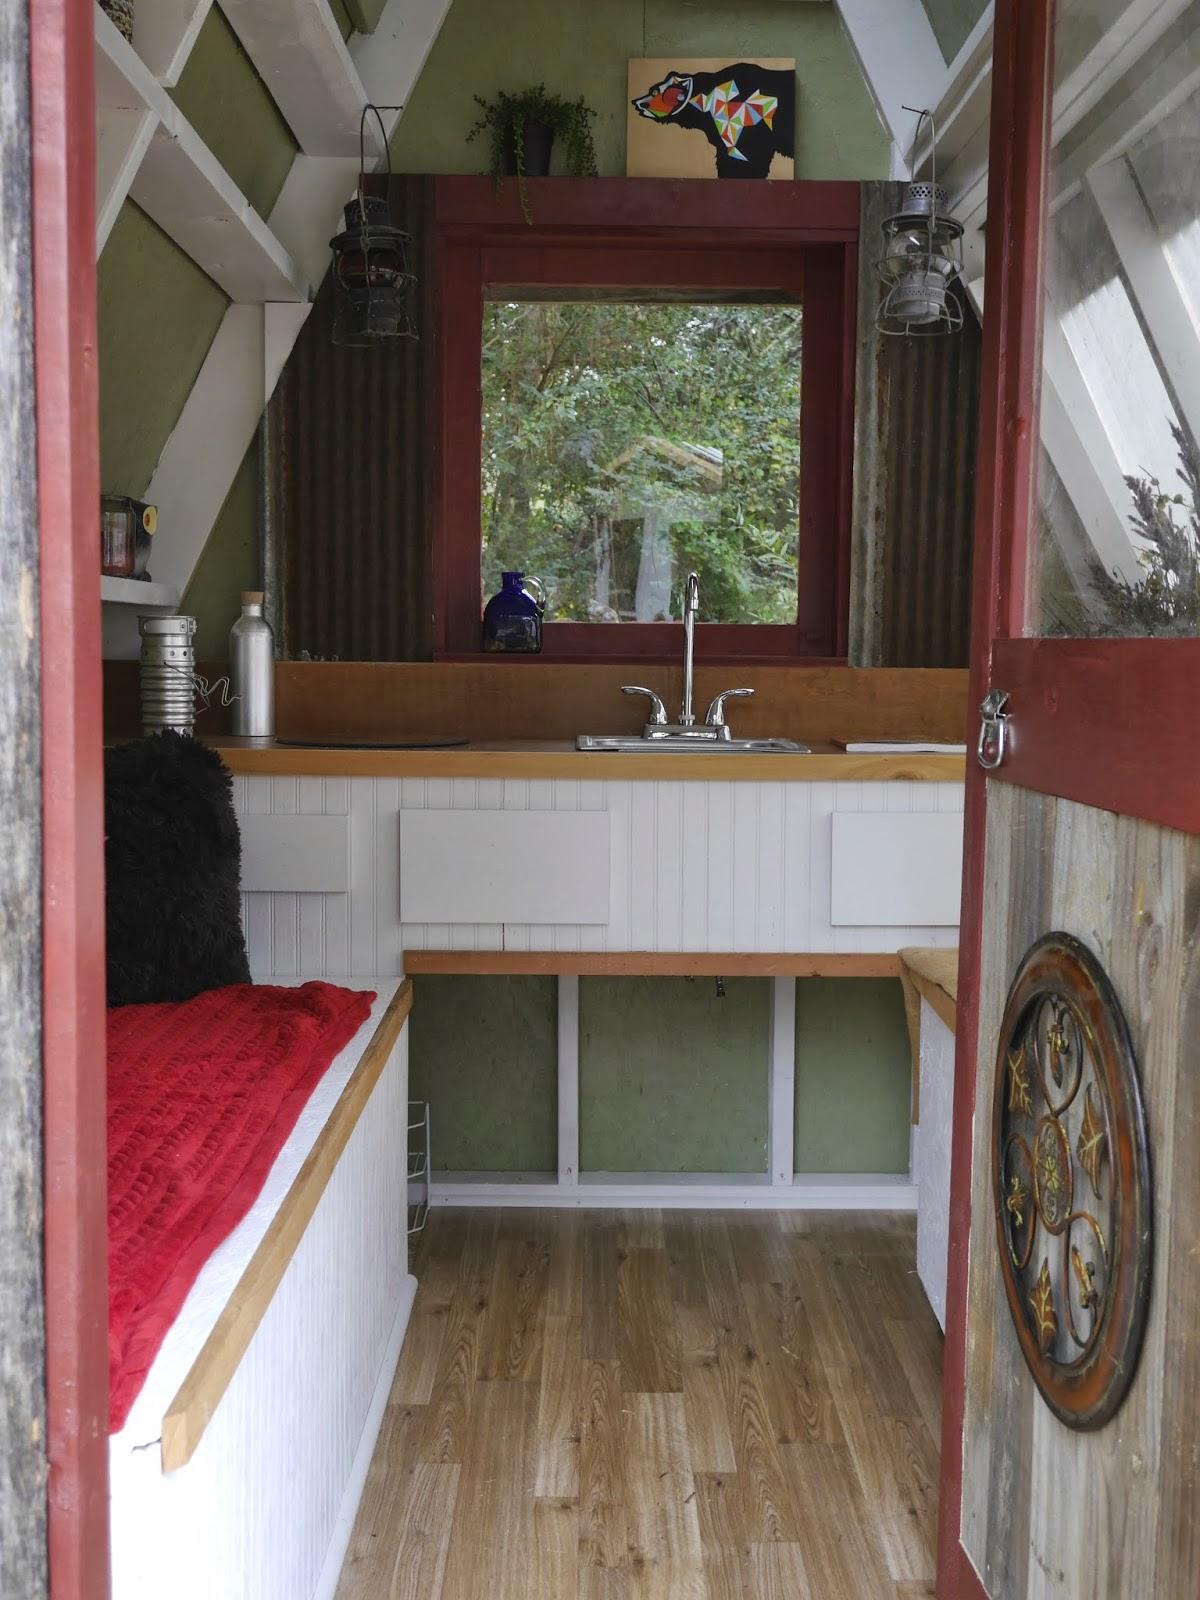 Tiny Home Designs: Relaxshacks.com: TINY HOUSE BUILDING And DESIGN WORKSHOP